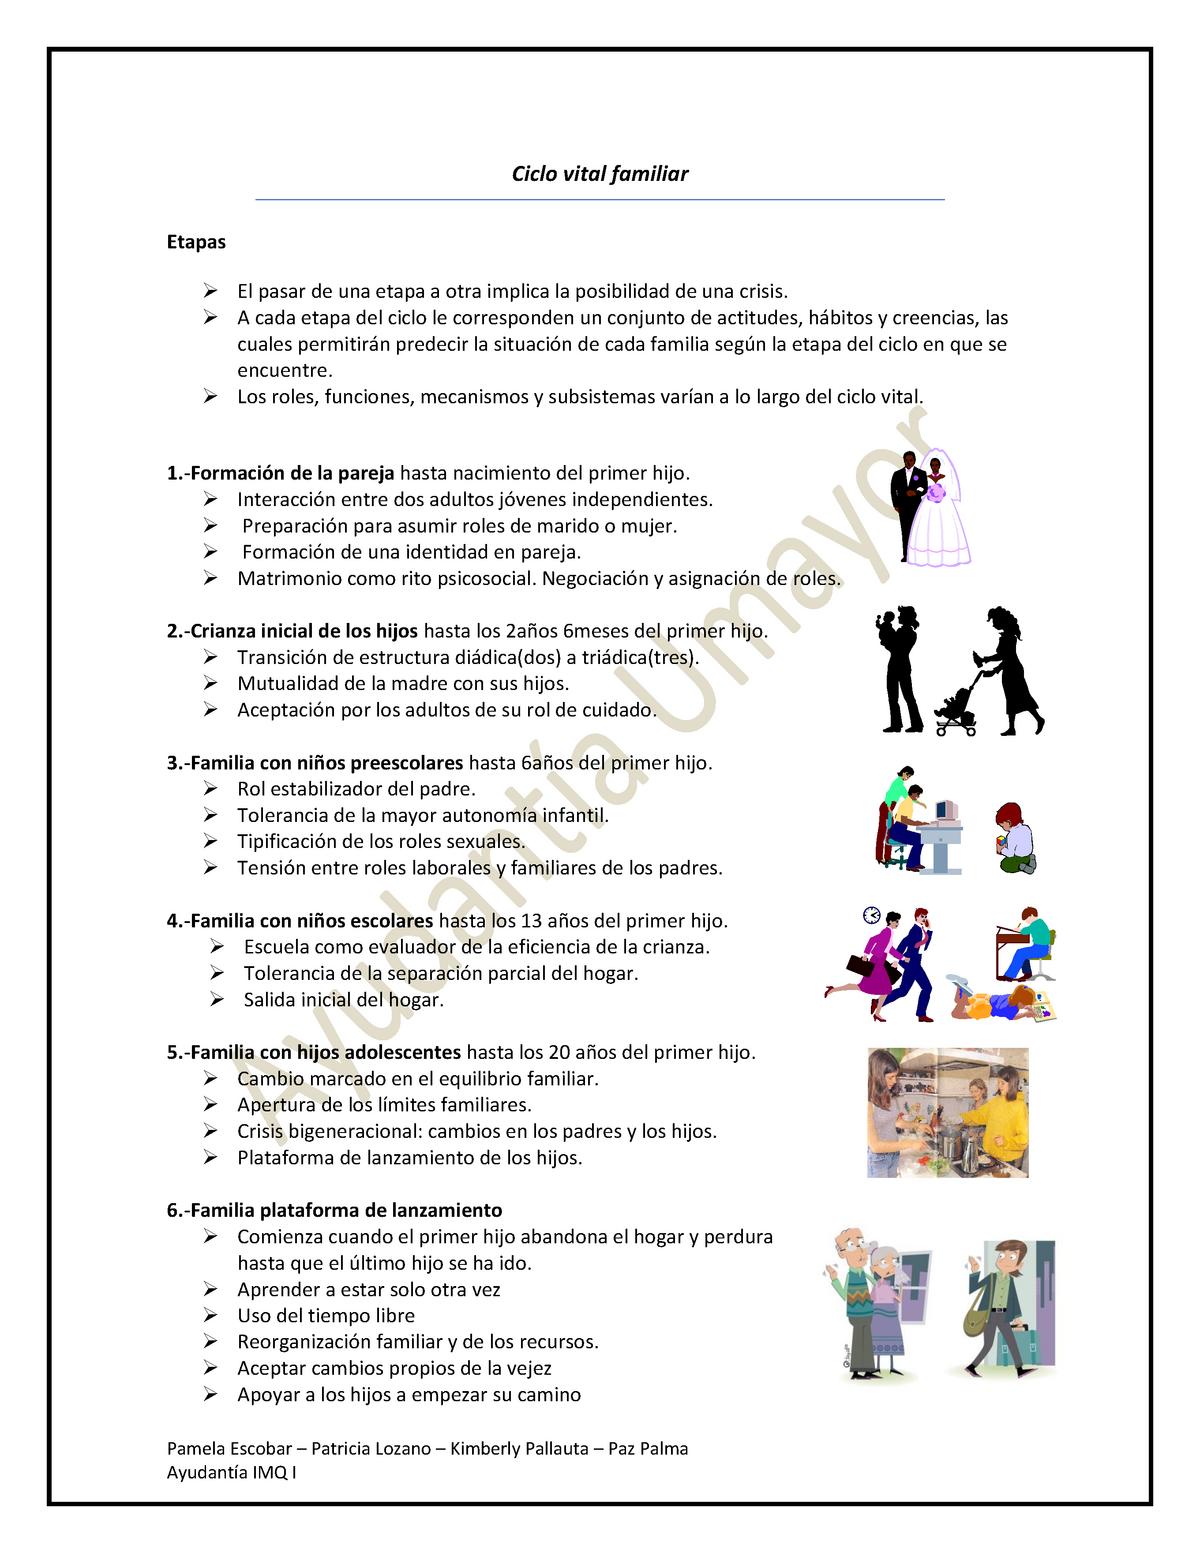 01 Ciclo Vital Familiar Semiología U Mayor Studocu